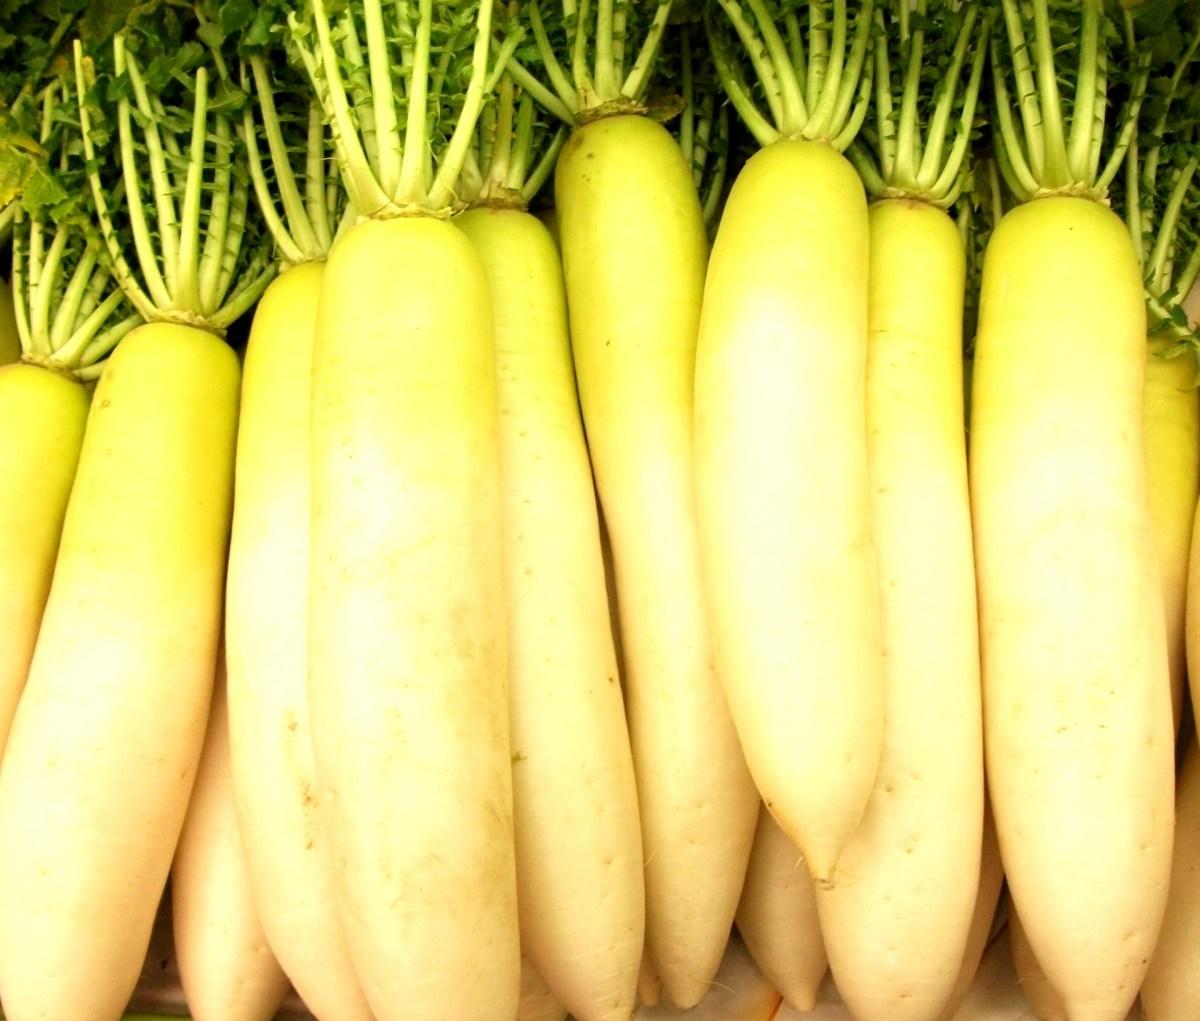 大根は加熱すると栄養が逃げる?気になる栄養と効能を調査!